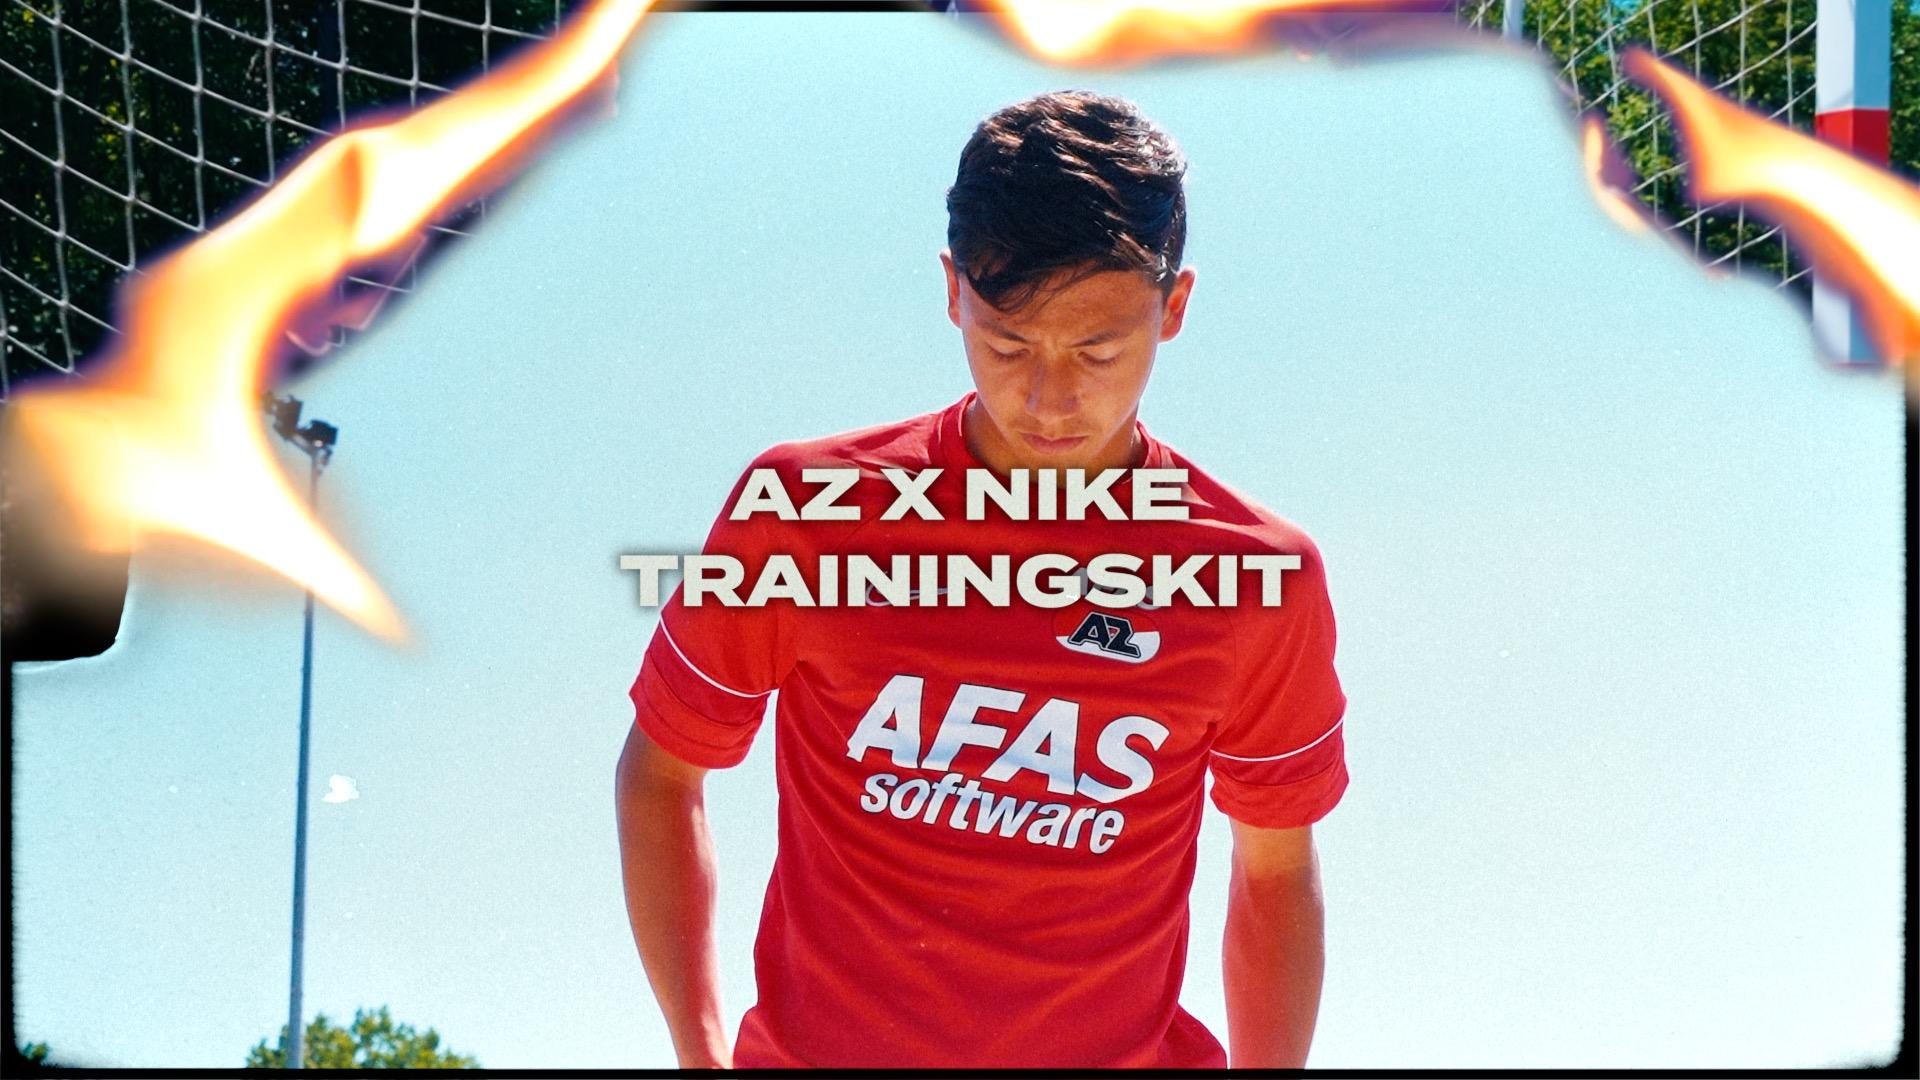 AZ x Nike | Trainings-kit Reveal 21/22